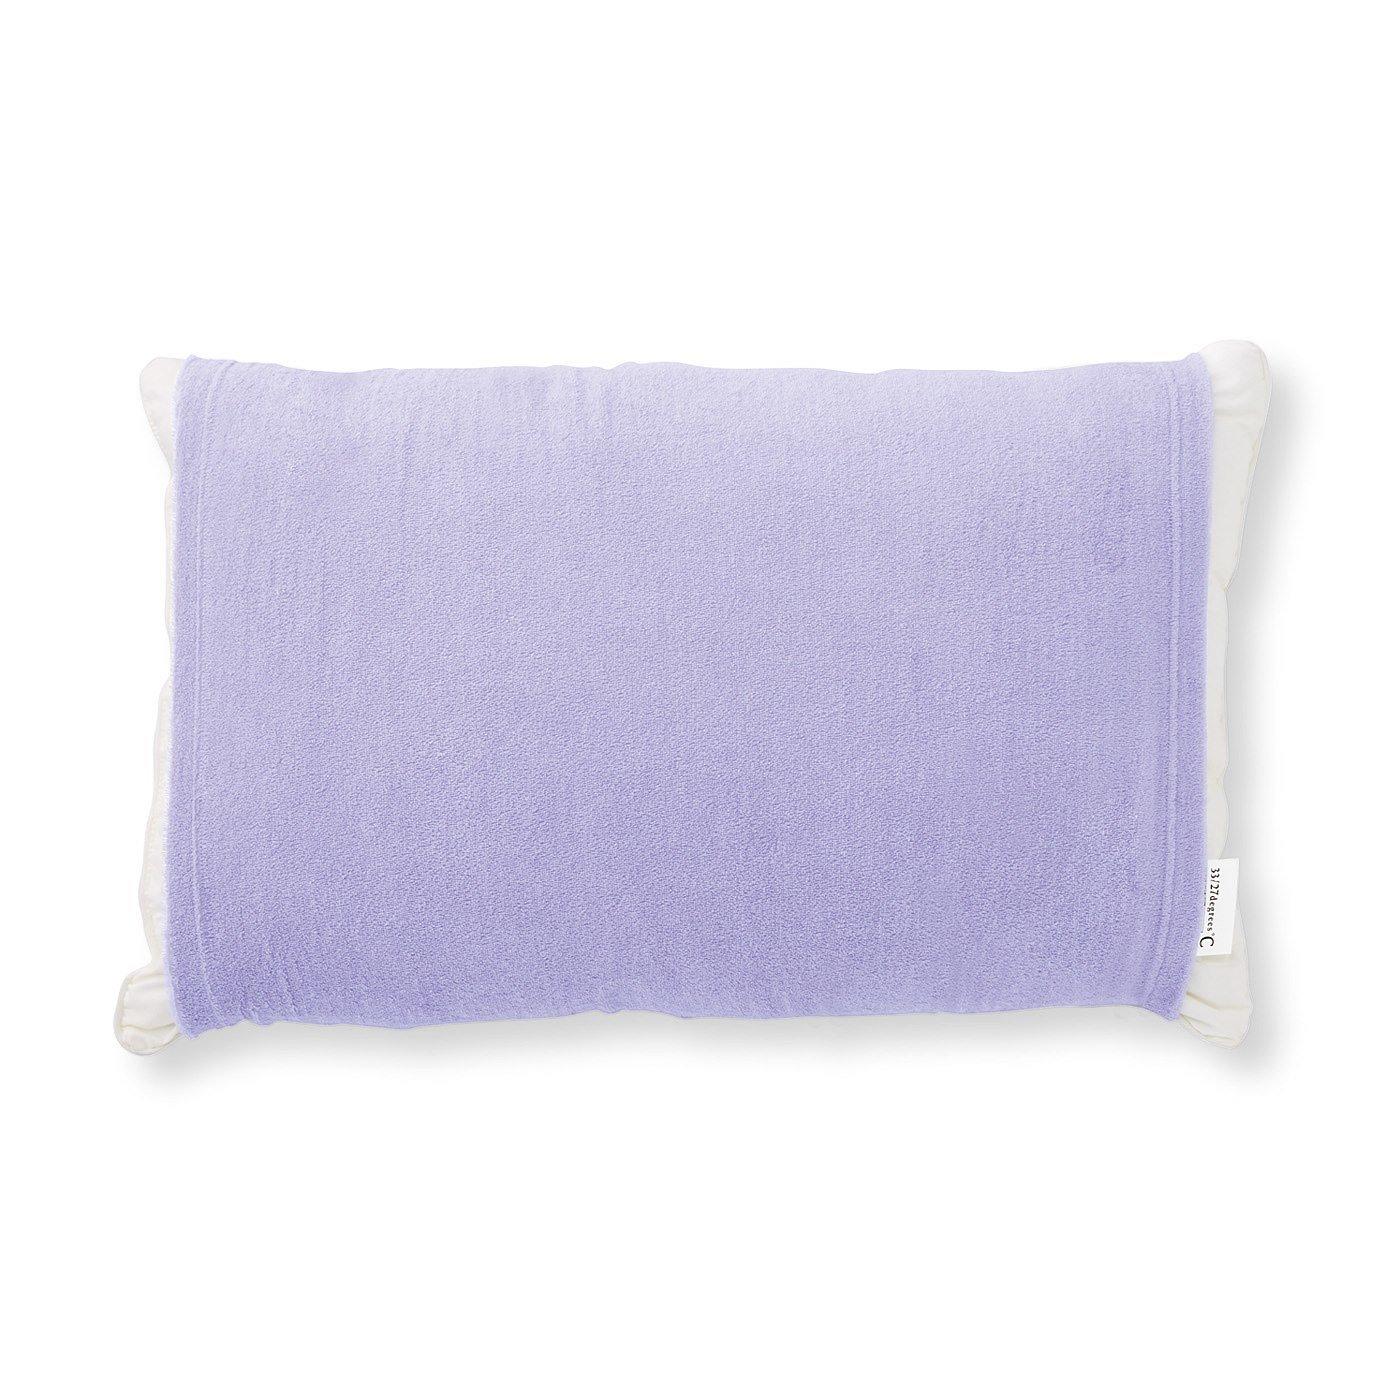 ふんわりパイルの肌あたり 消臭 枕カバー